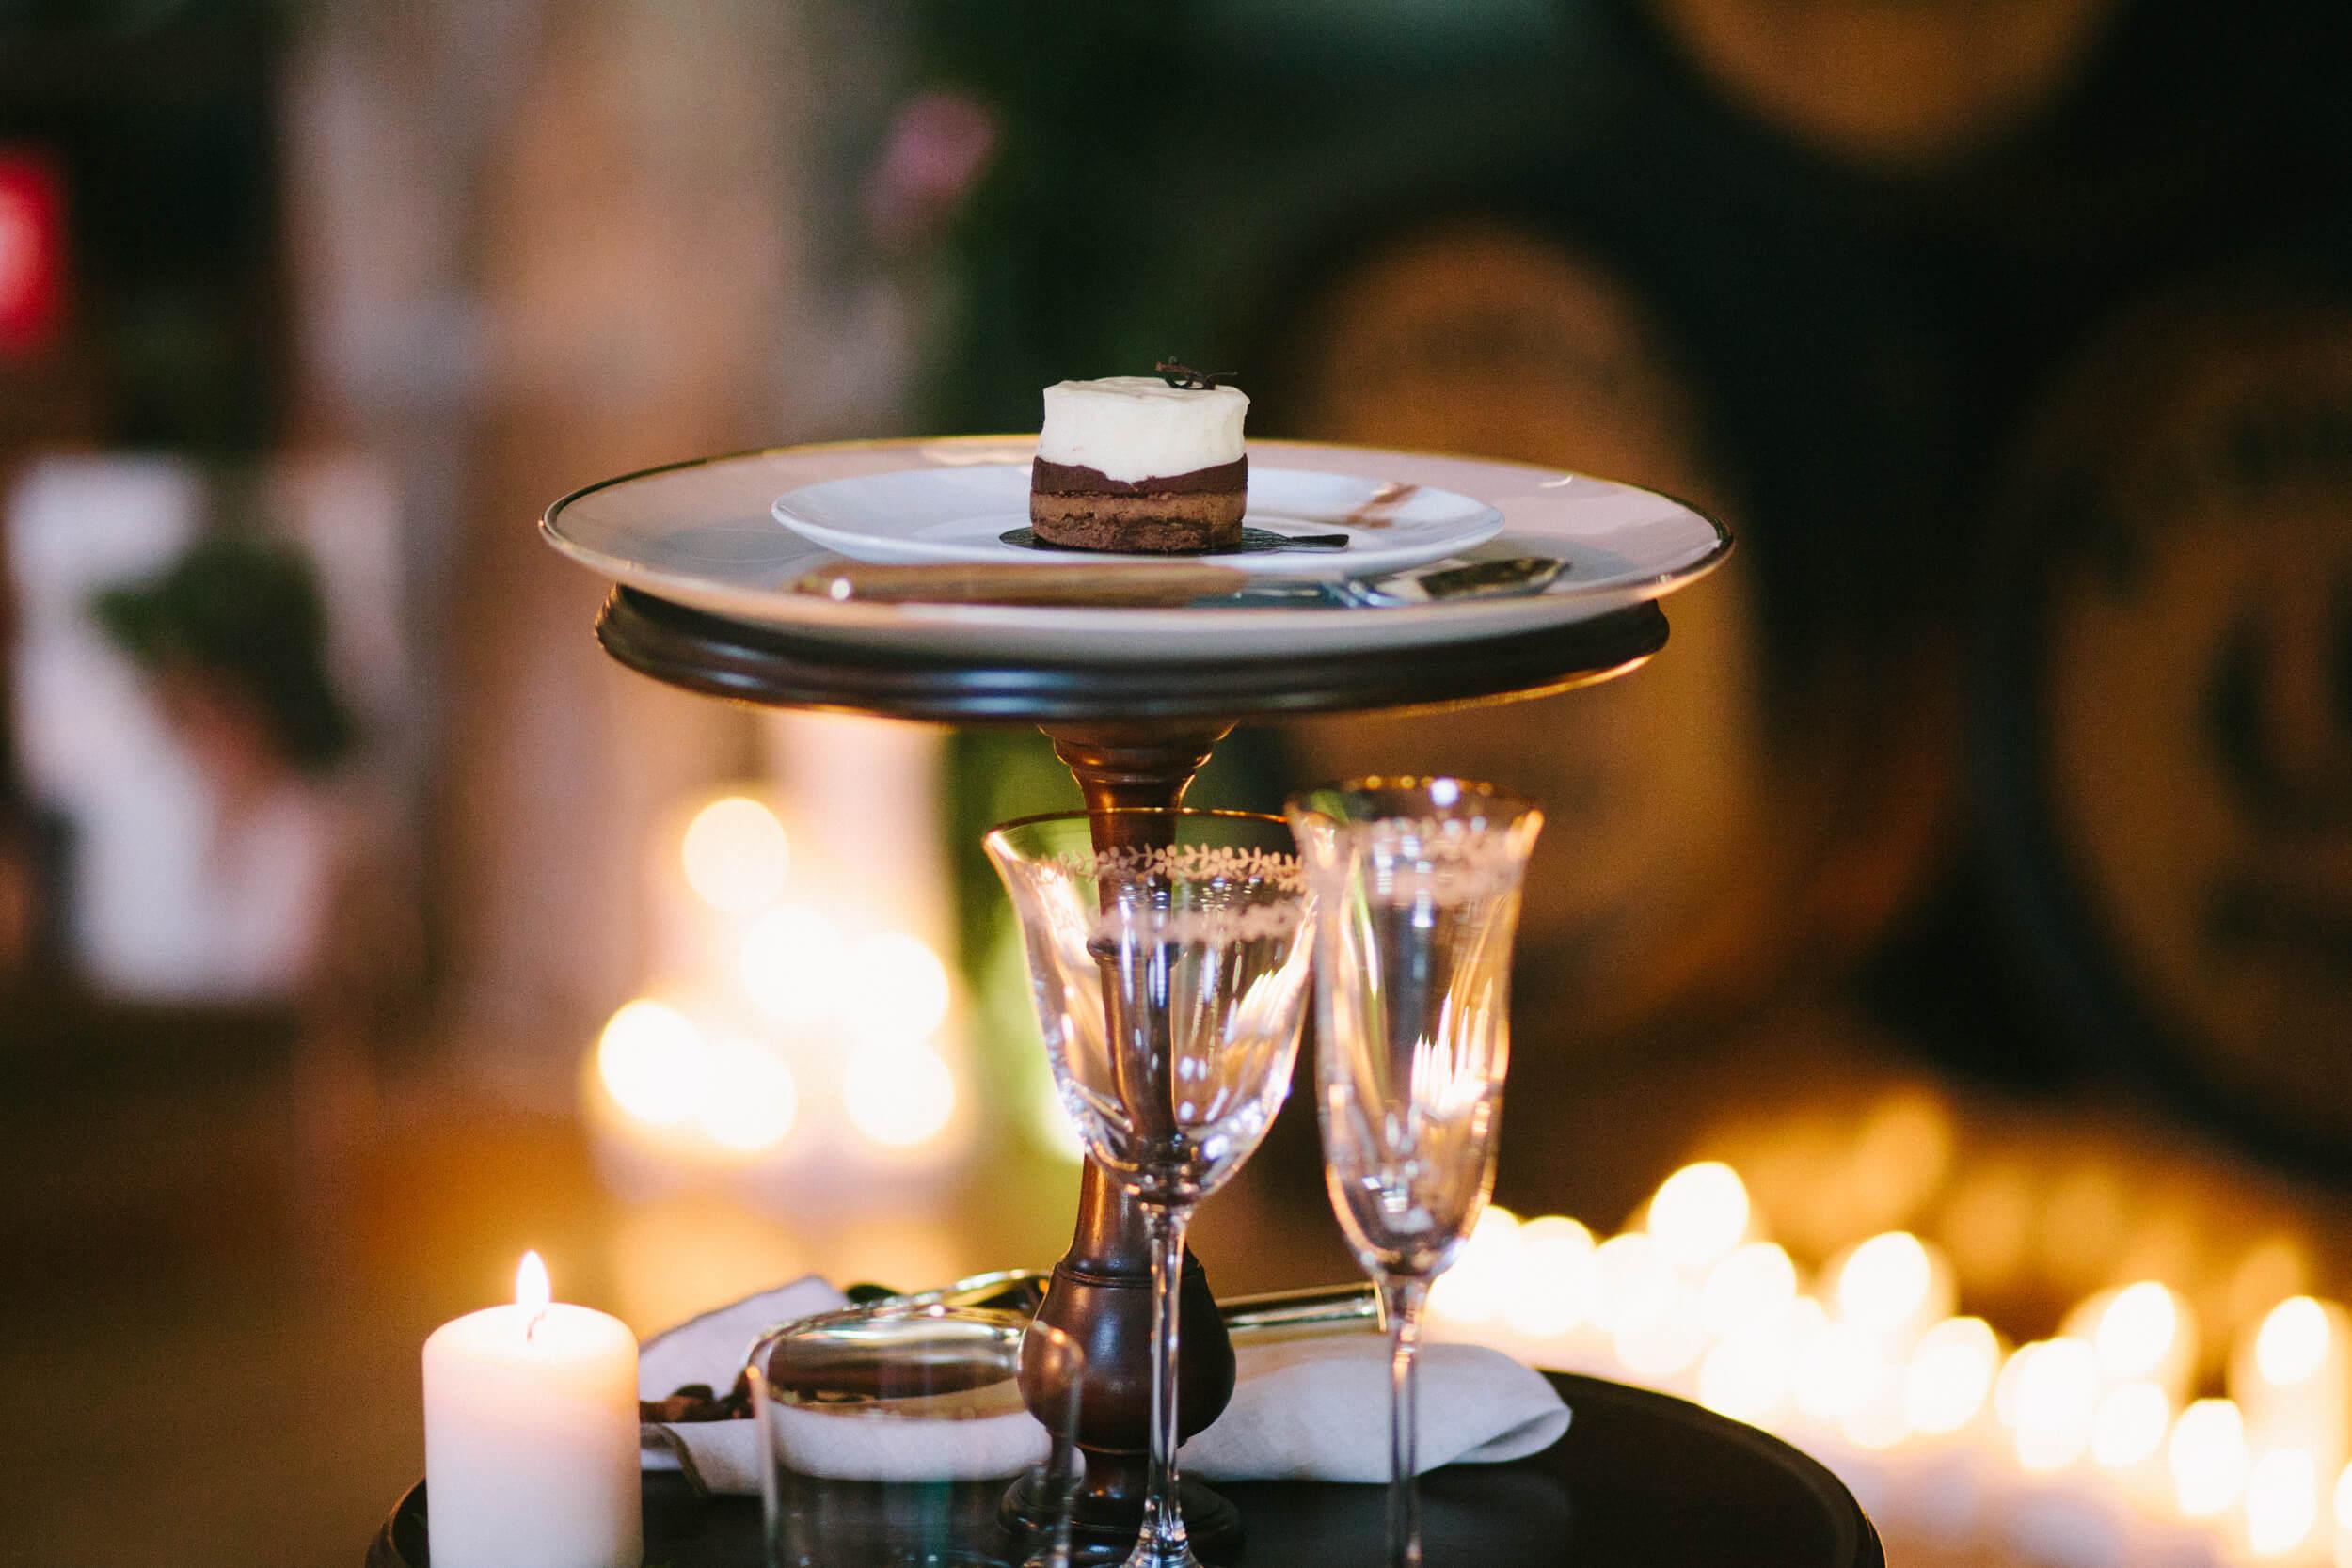 roma-organizacao-eventos-evento-queres-casar-comigo-12